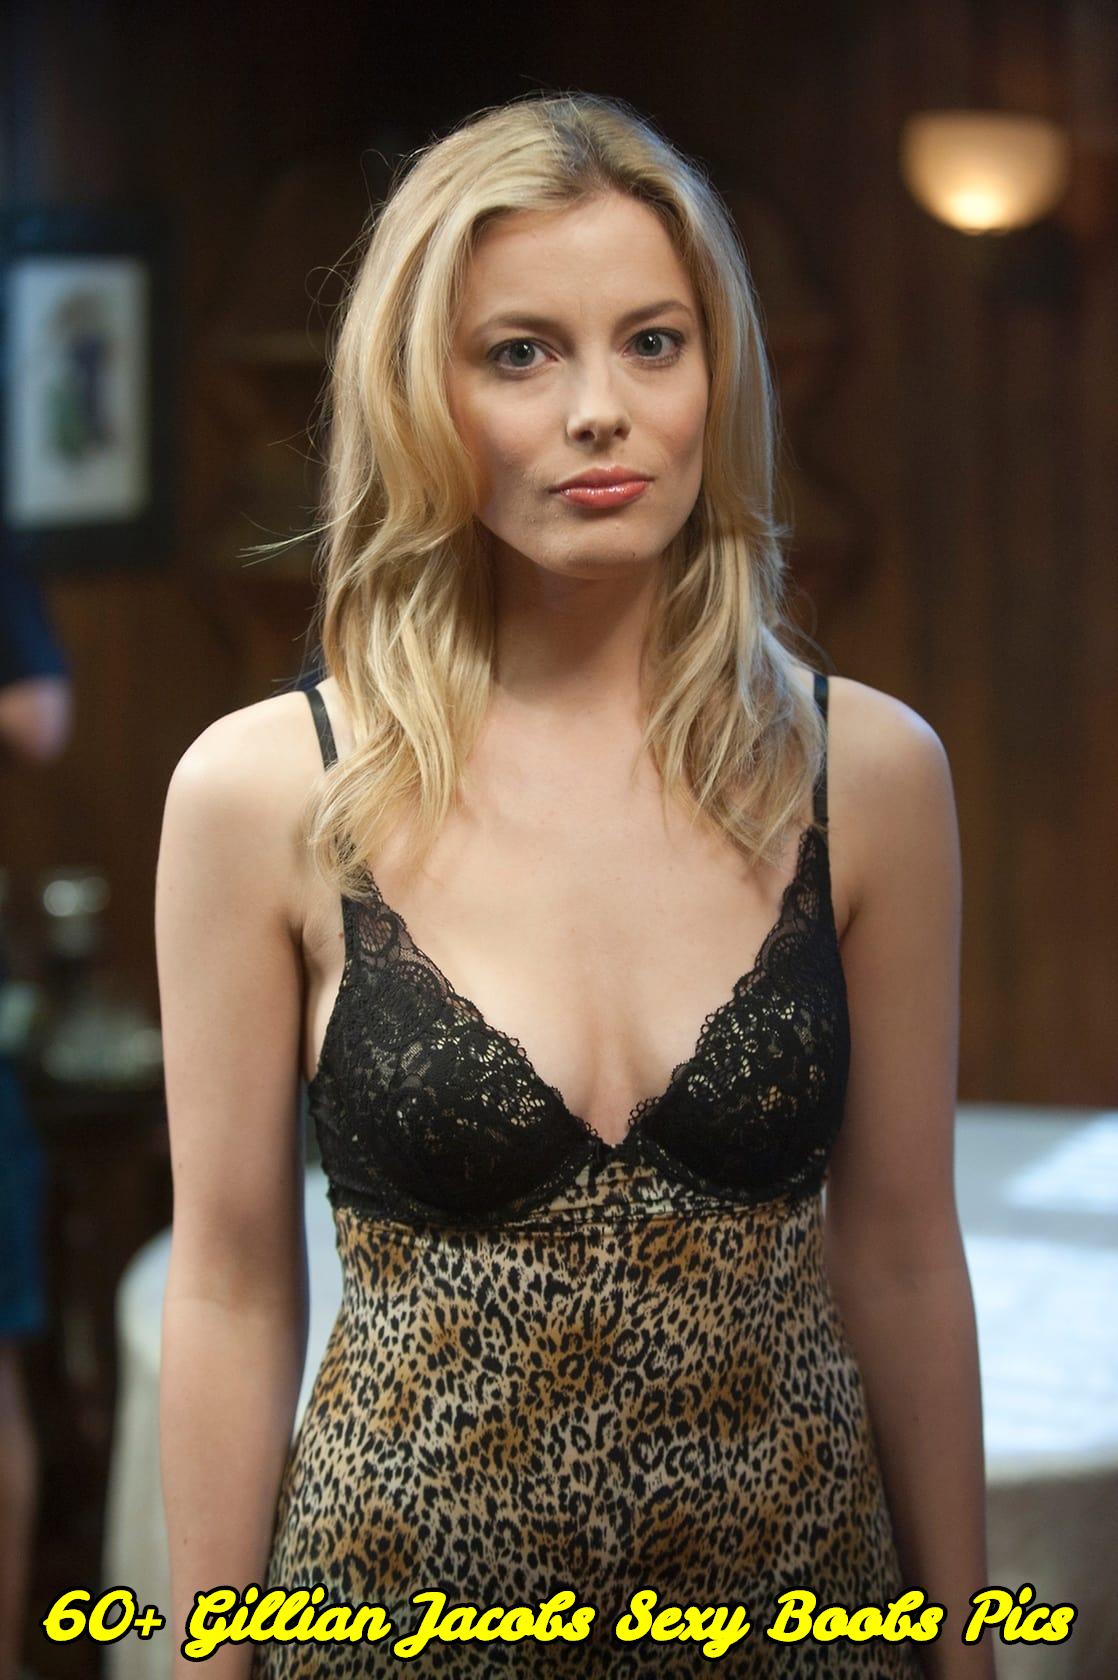 Gillian Jacobs sexy boobs pics